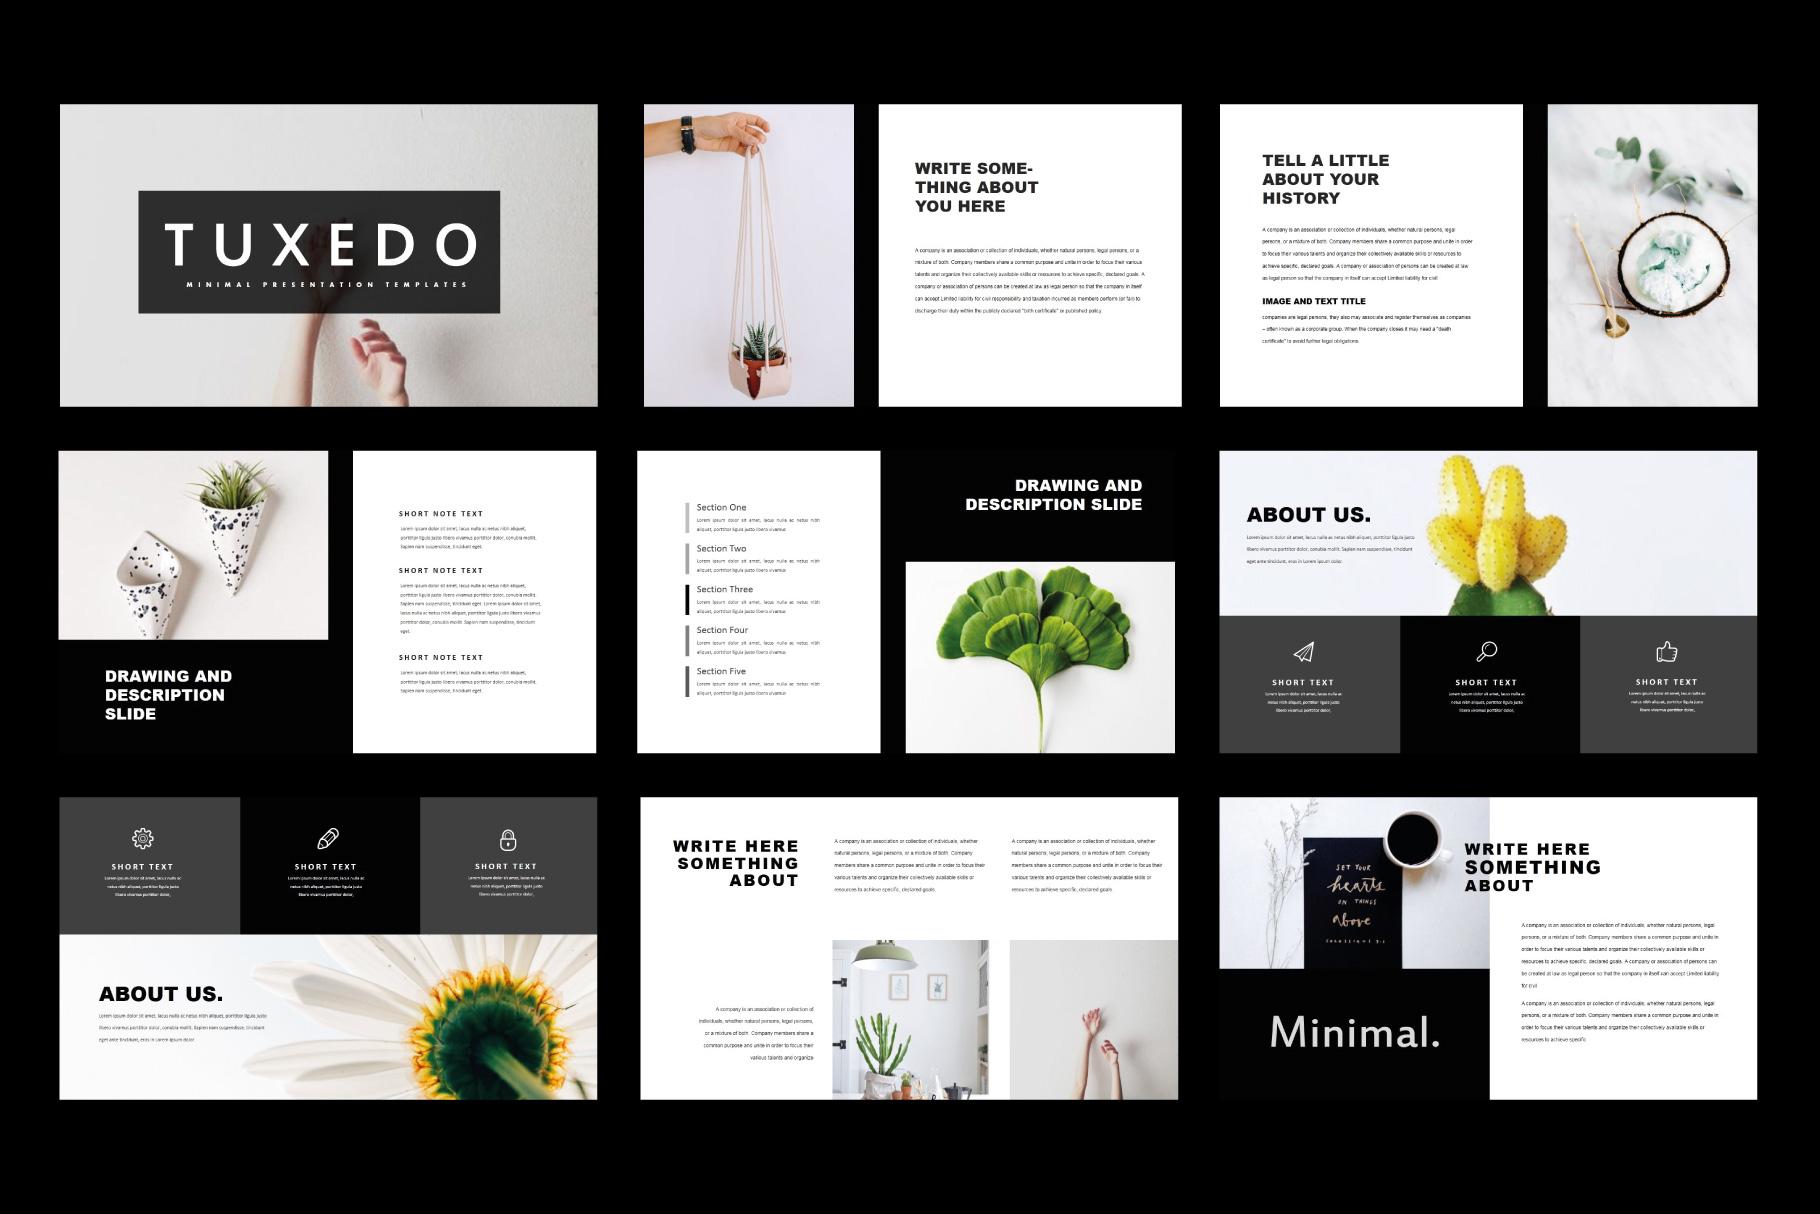 Tuxedo Minimal Keynote Templates example image 2